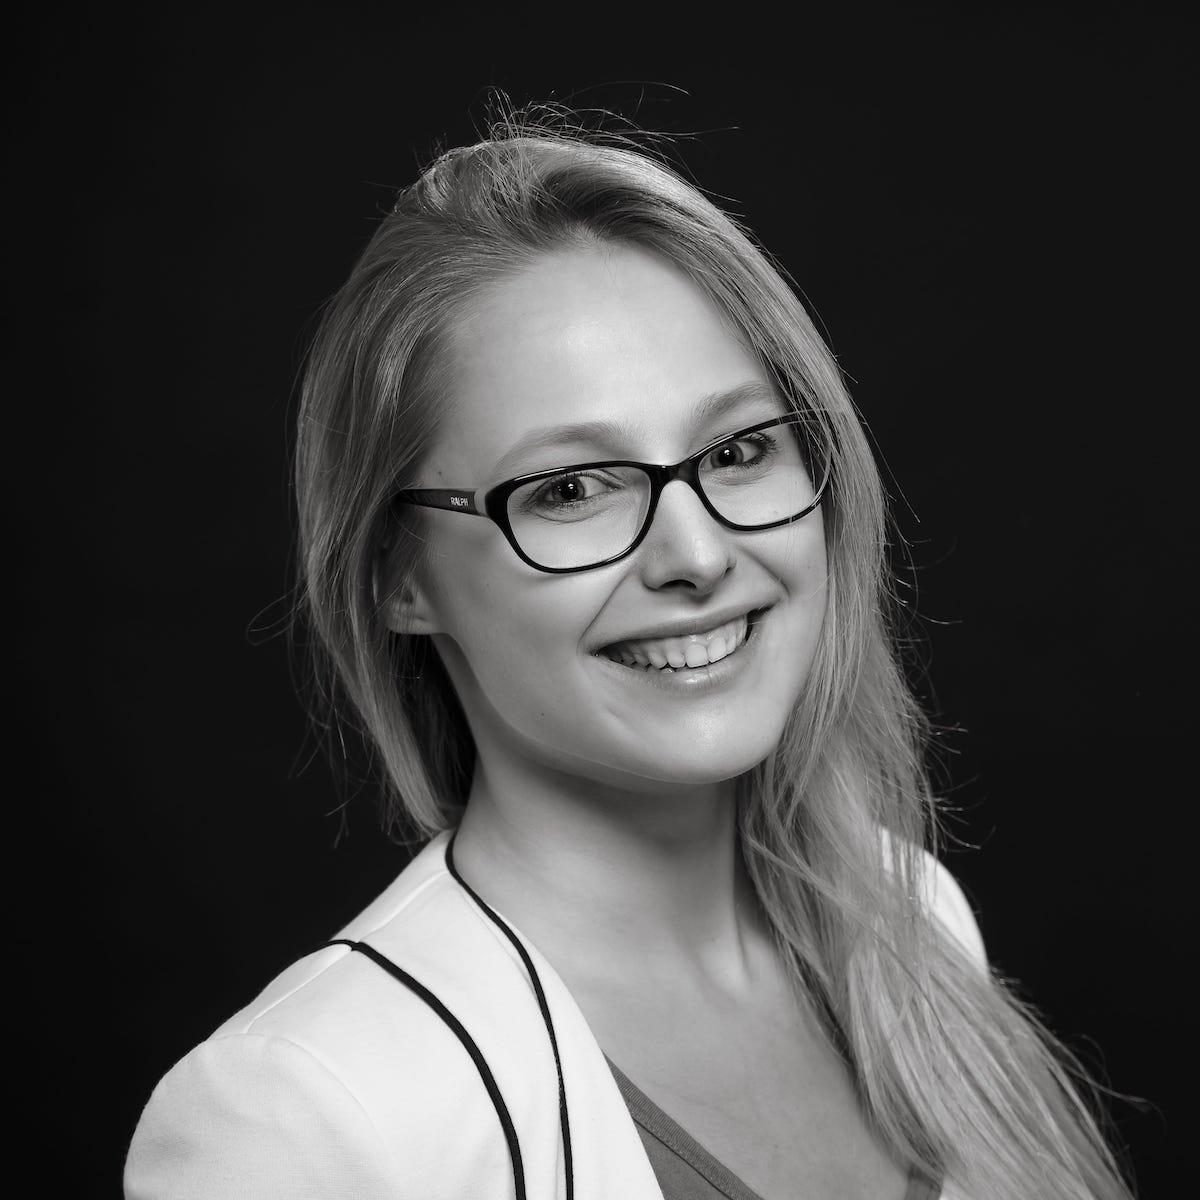 Kristina Sczesny